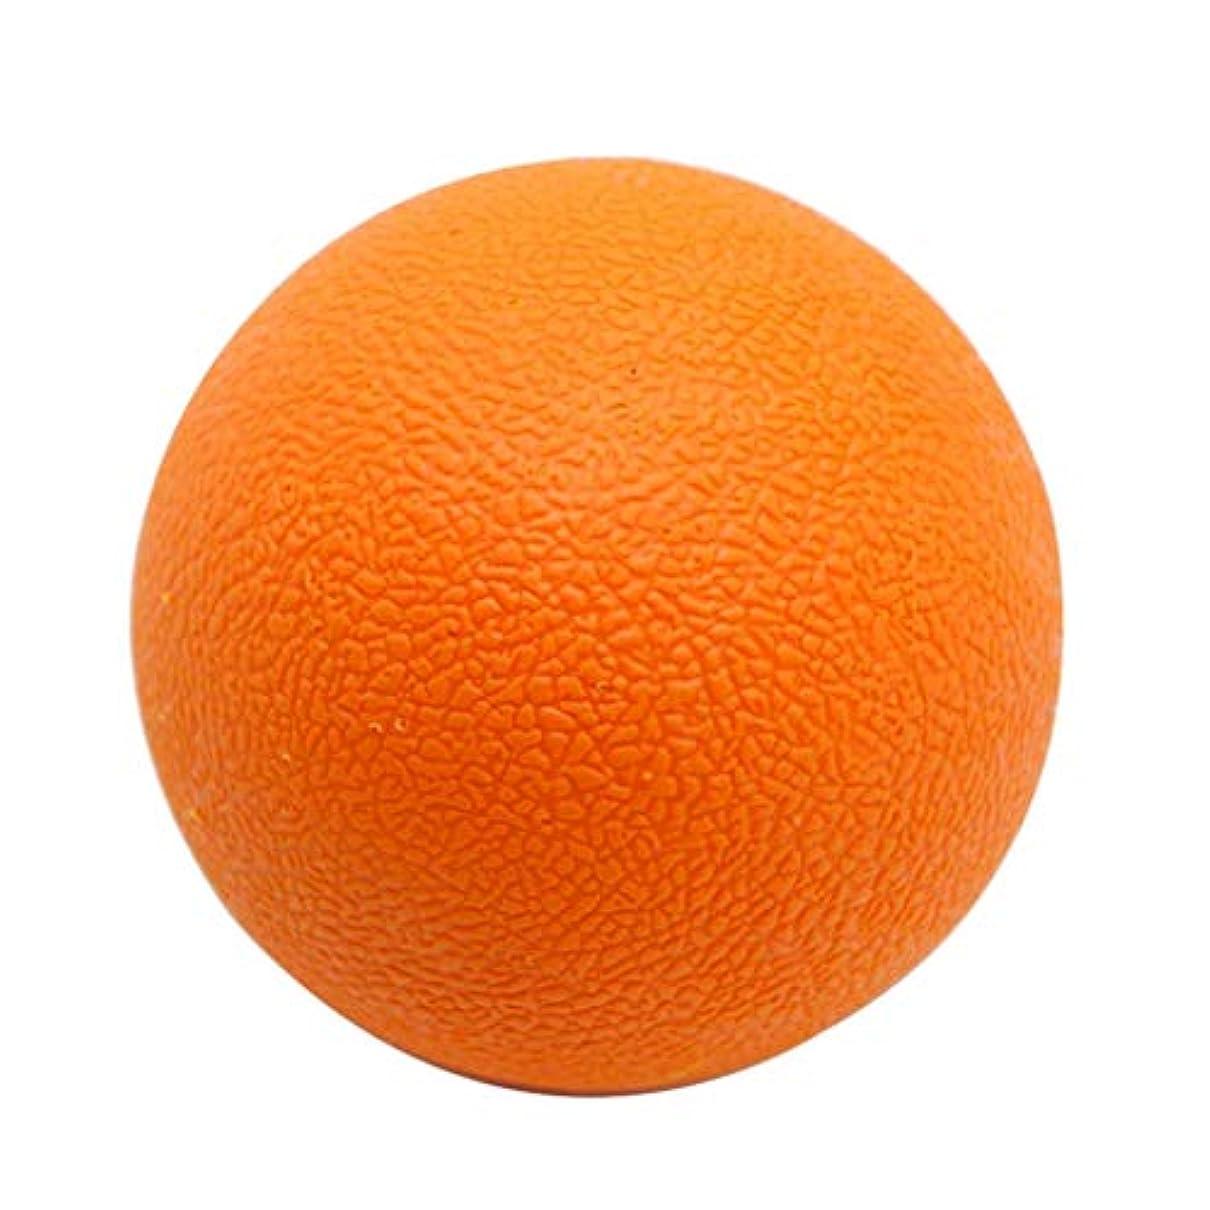 妥協自動車プロペラFLAMEER マッサージボール TPE トリガーポイント 筋膜リリース ツボ押しグッズ 足、腕、首、背中 オレンジ